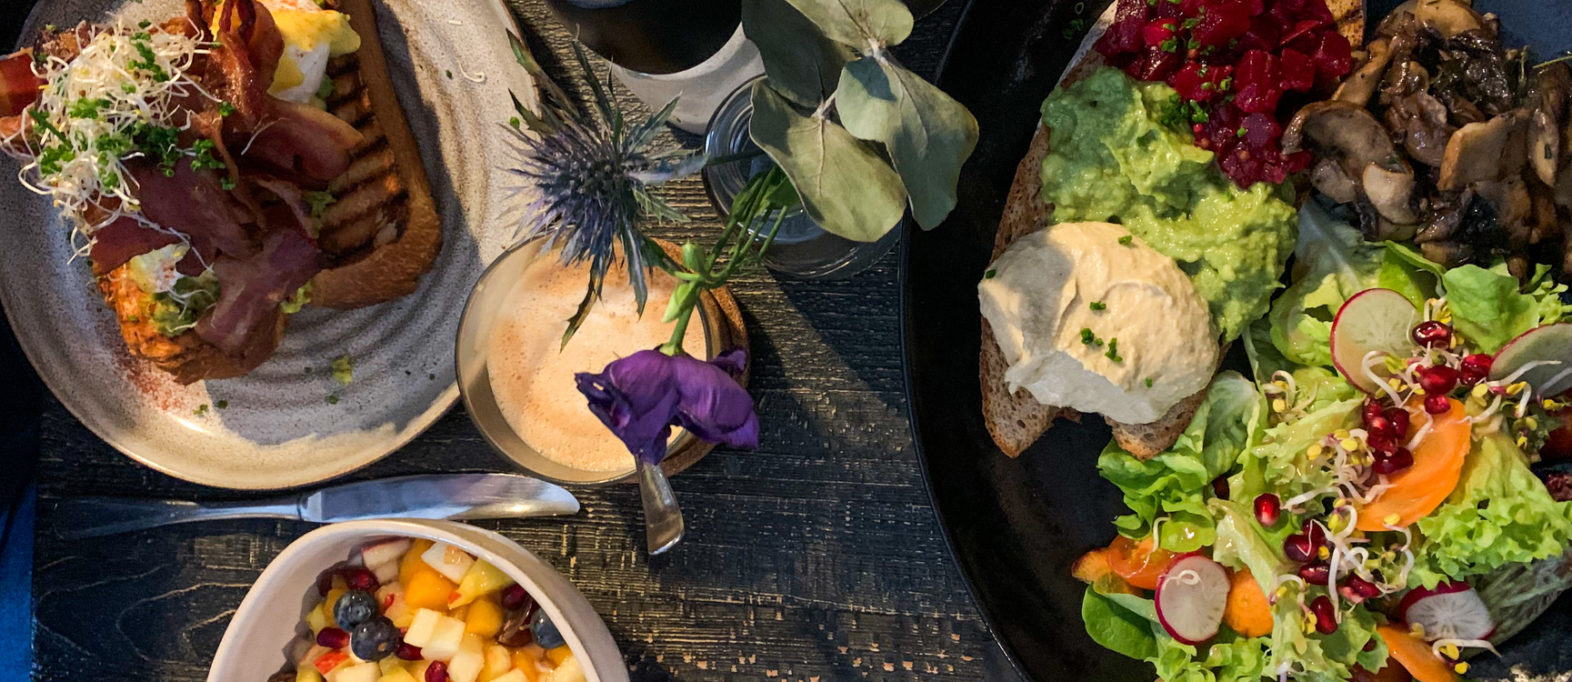 Wo schmeckt das Essen in Hamburg? Empfehlungen für tolle Cafés und Restaurants, die wir lieben!